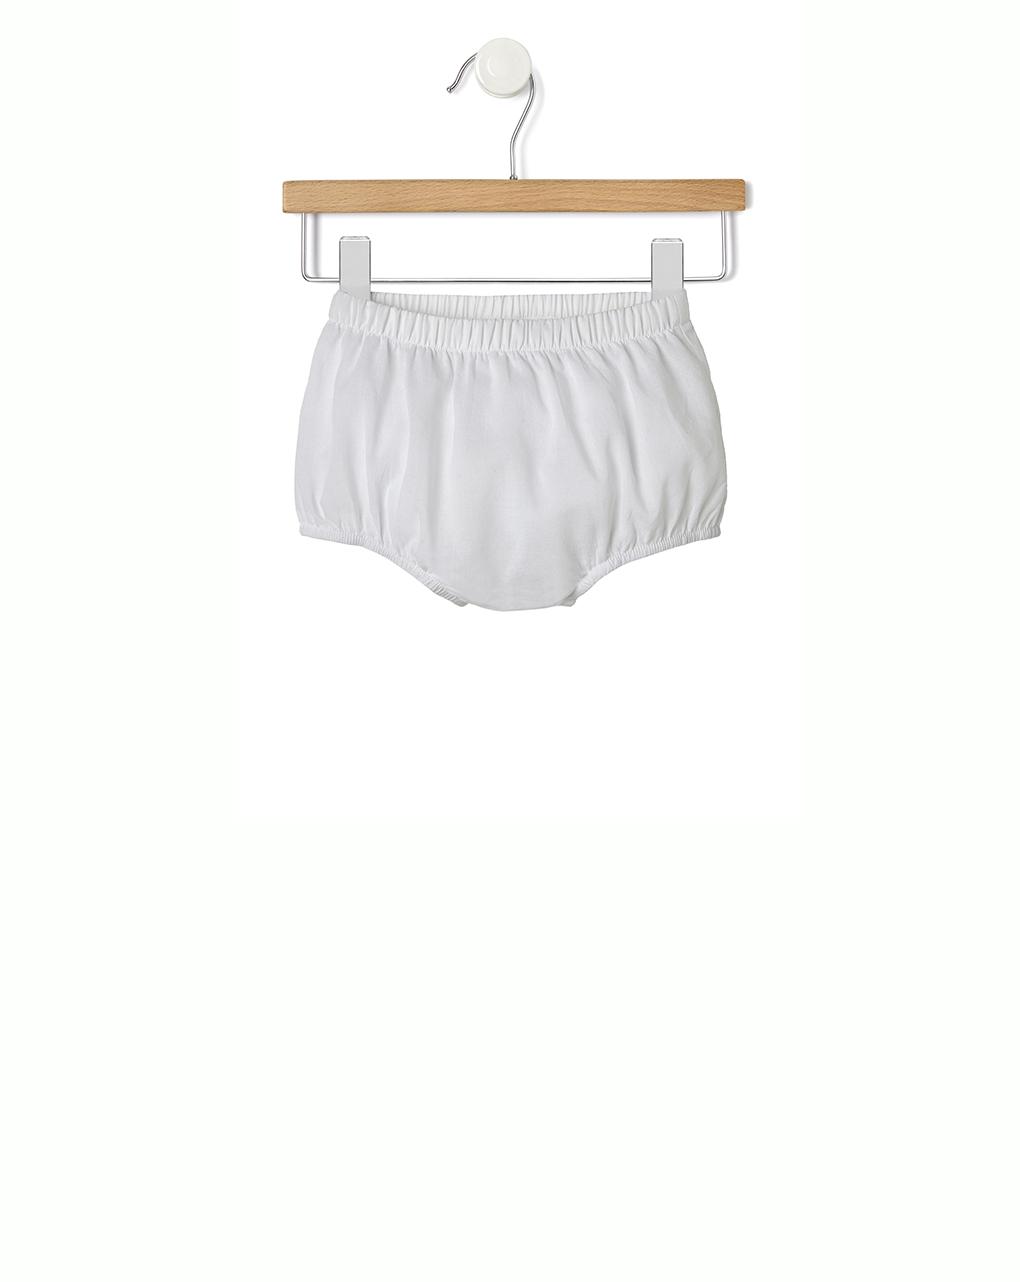 c6014ad32d2c Abito in sangallo bianco con culotte - NEONATO 0-36